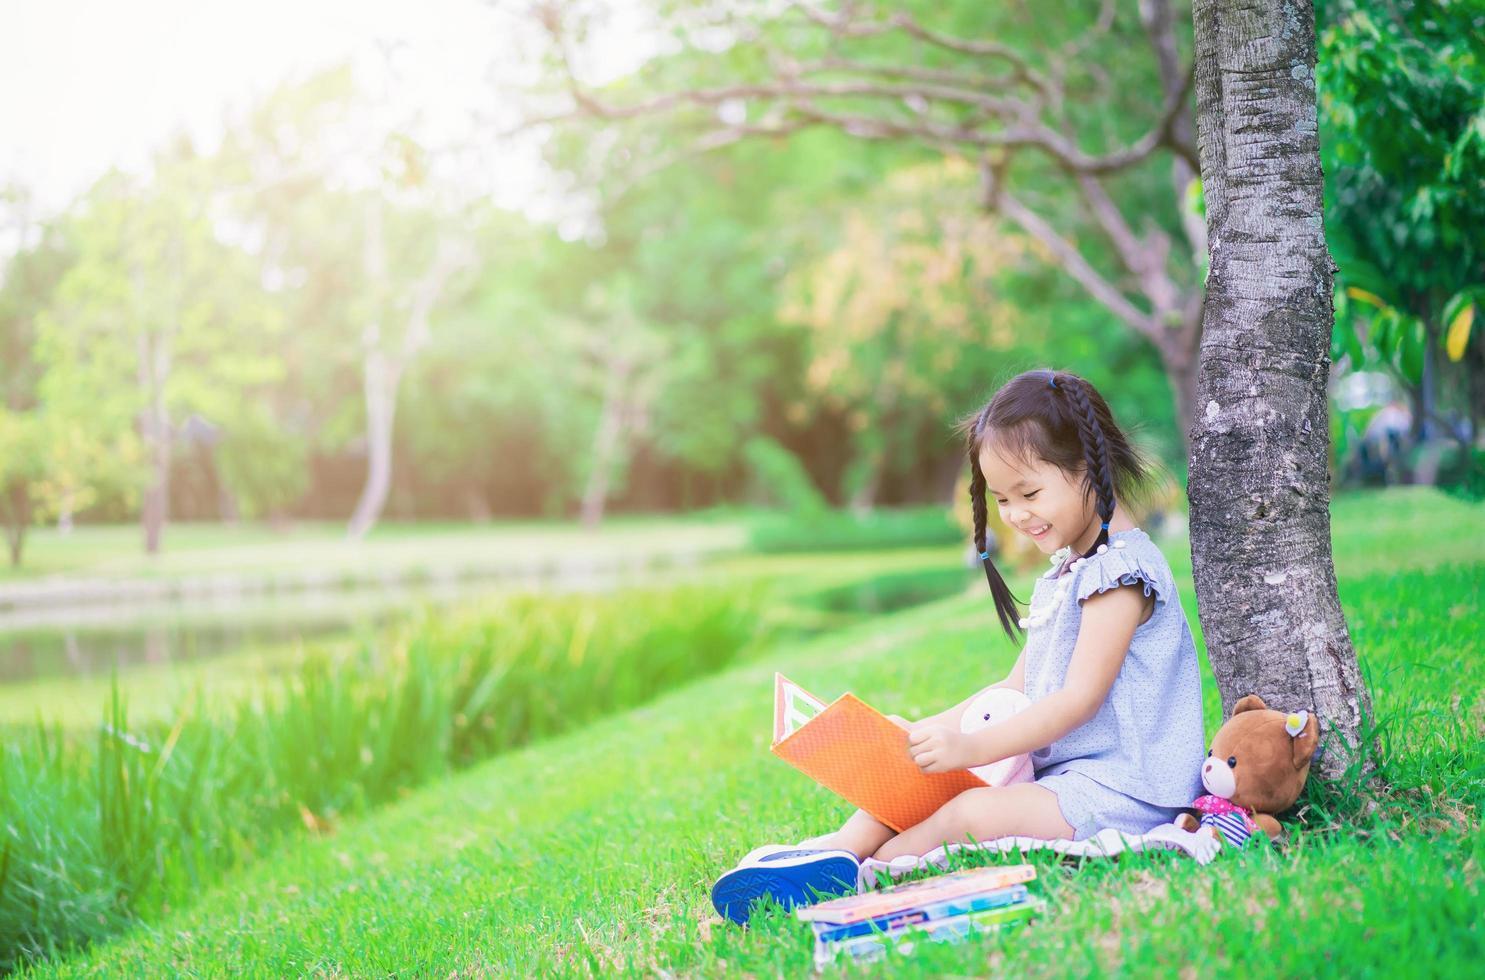 giovane libro di lettura asiatico della ragazza in un parco foto